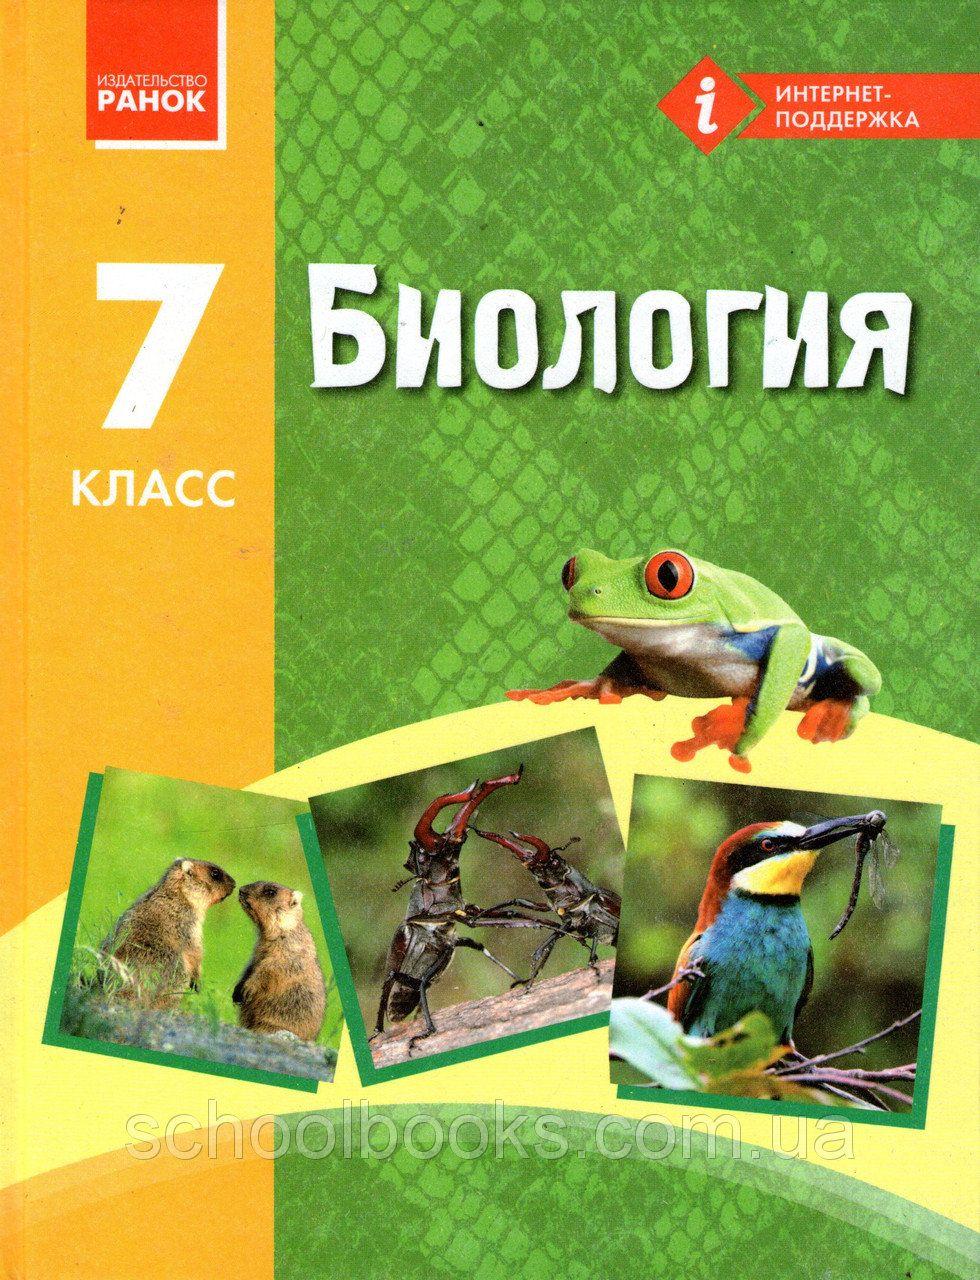 Підручники та посібники з біології для 7 класу на pidruchniki. Net.